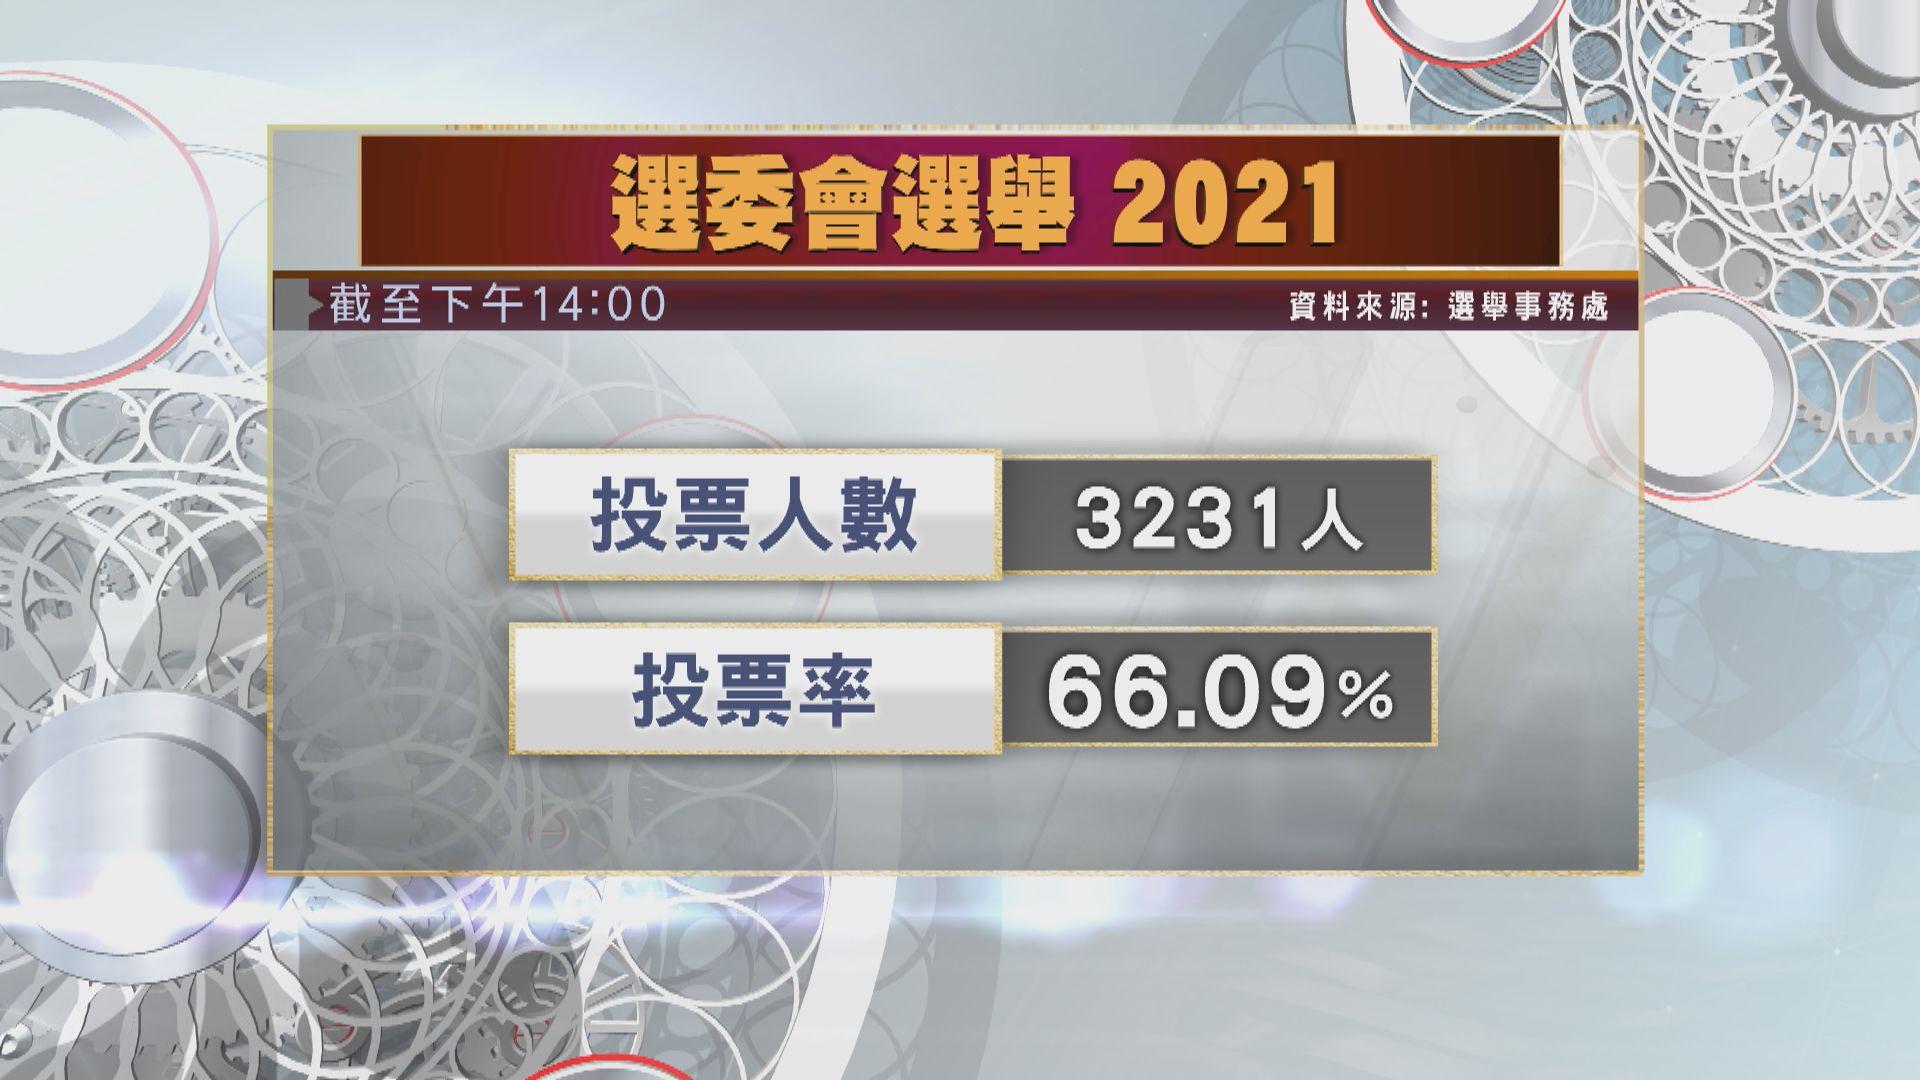 【選委會選舉】截至下午2時投票率66.09%